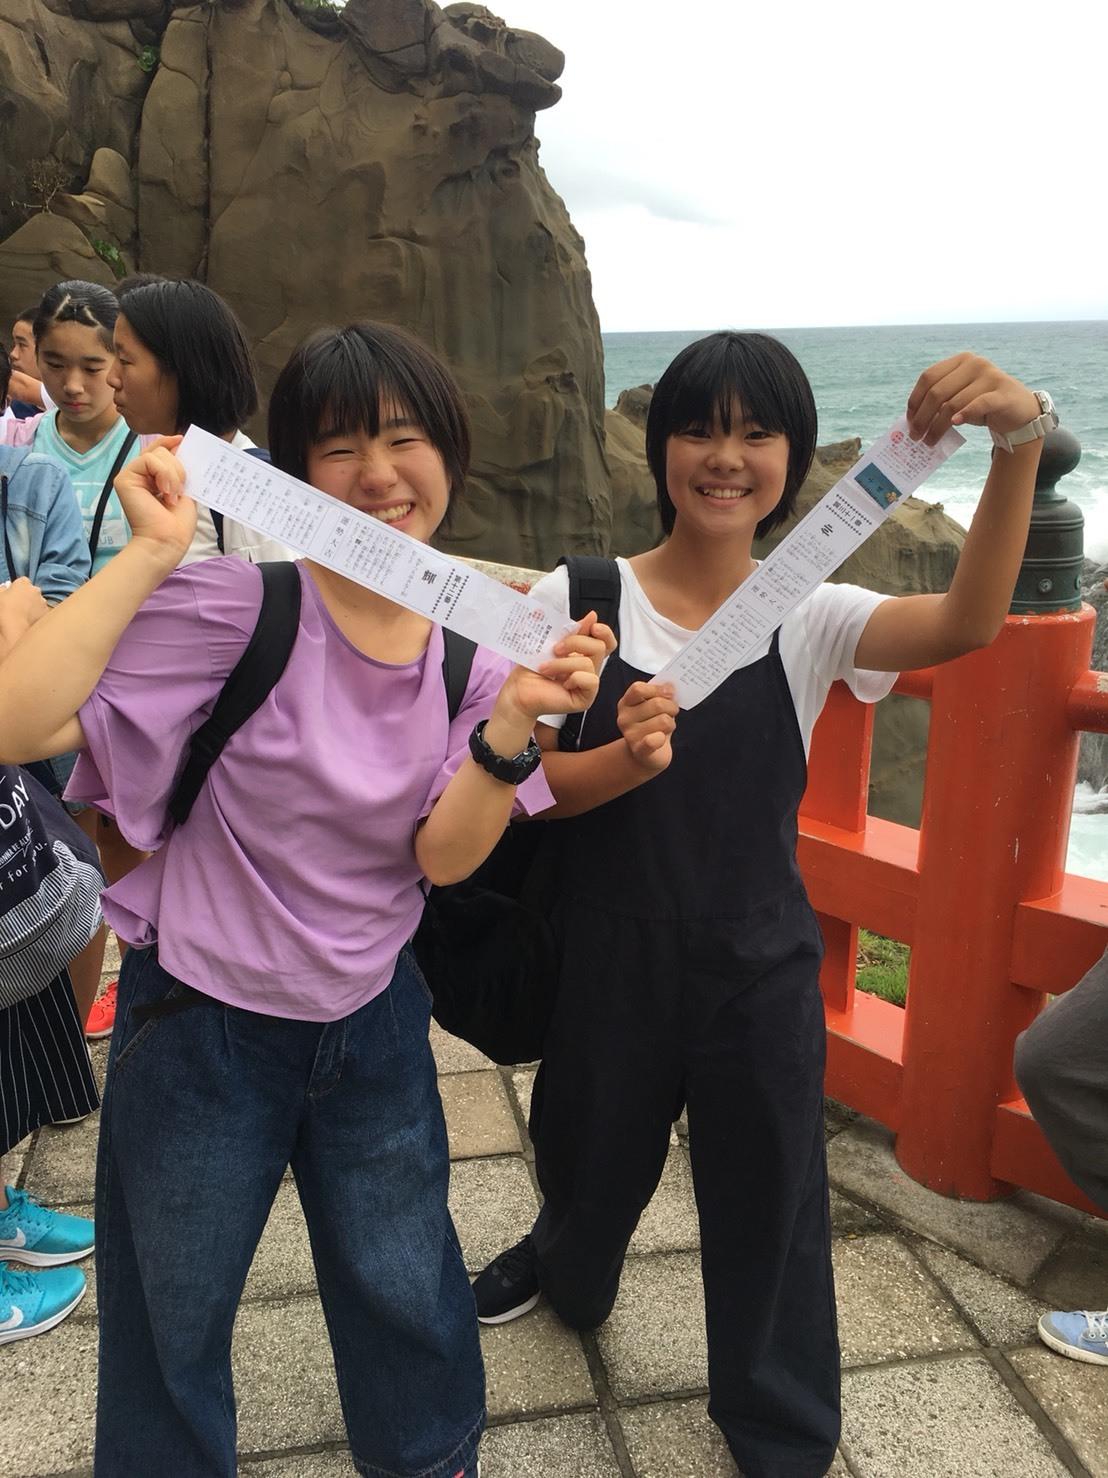 最高の学年による充実の宮崎夏合宿 -合宿1日目の写真-_d0116009_14552726.jpg